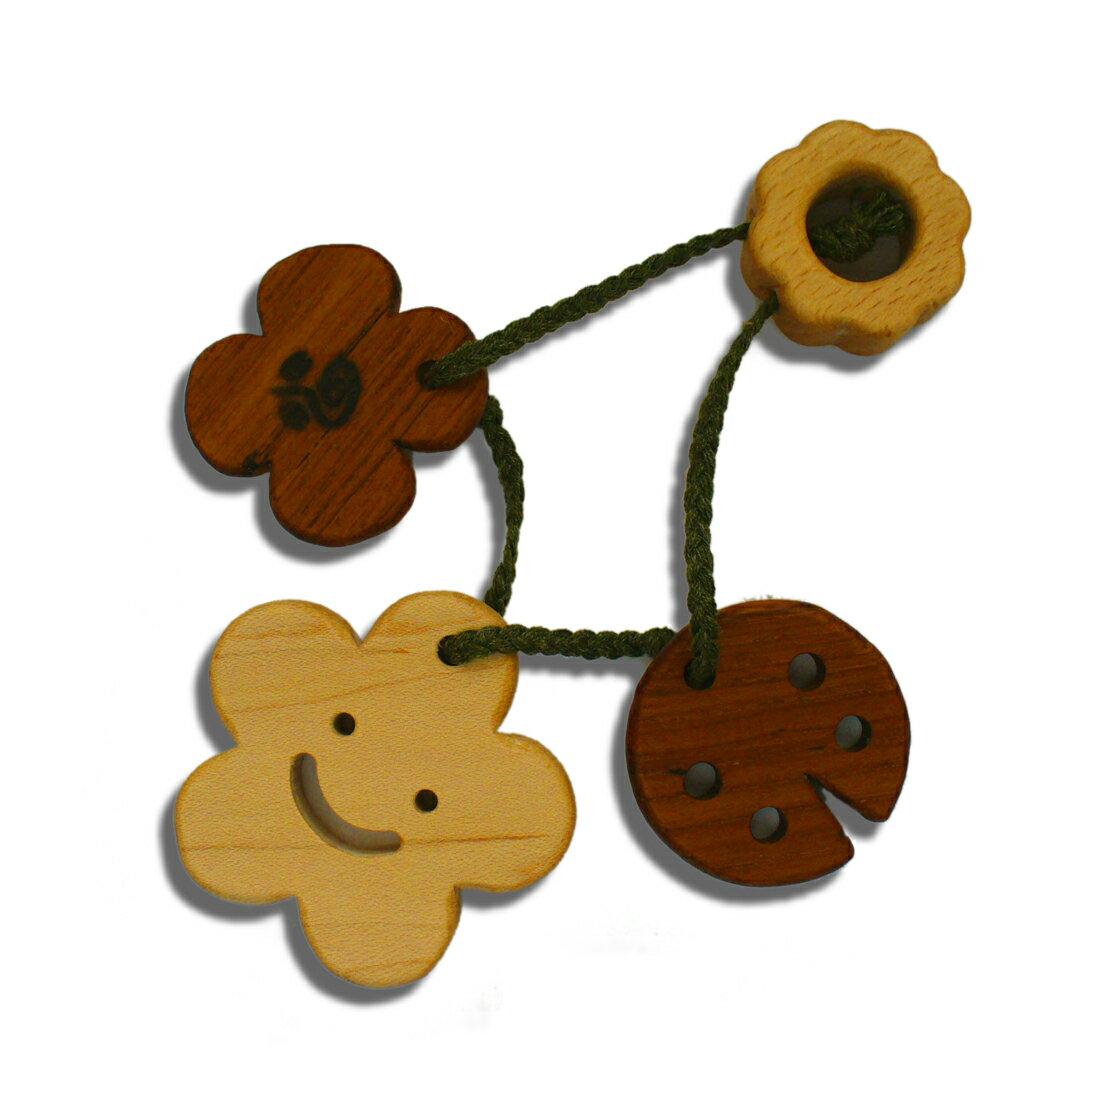 正規品 ラトル工房ブータレブー [木のはがため・はな] 歯がため 木のおもちゃ 木製玩具 [あす楽対応]